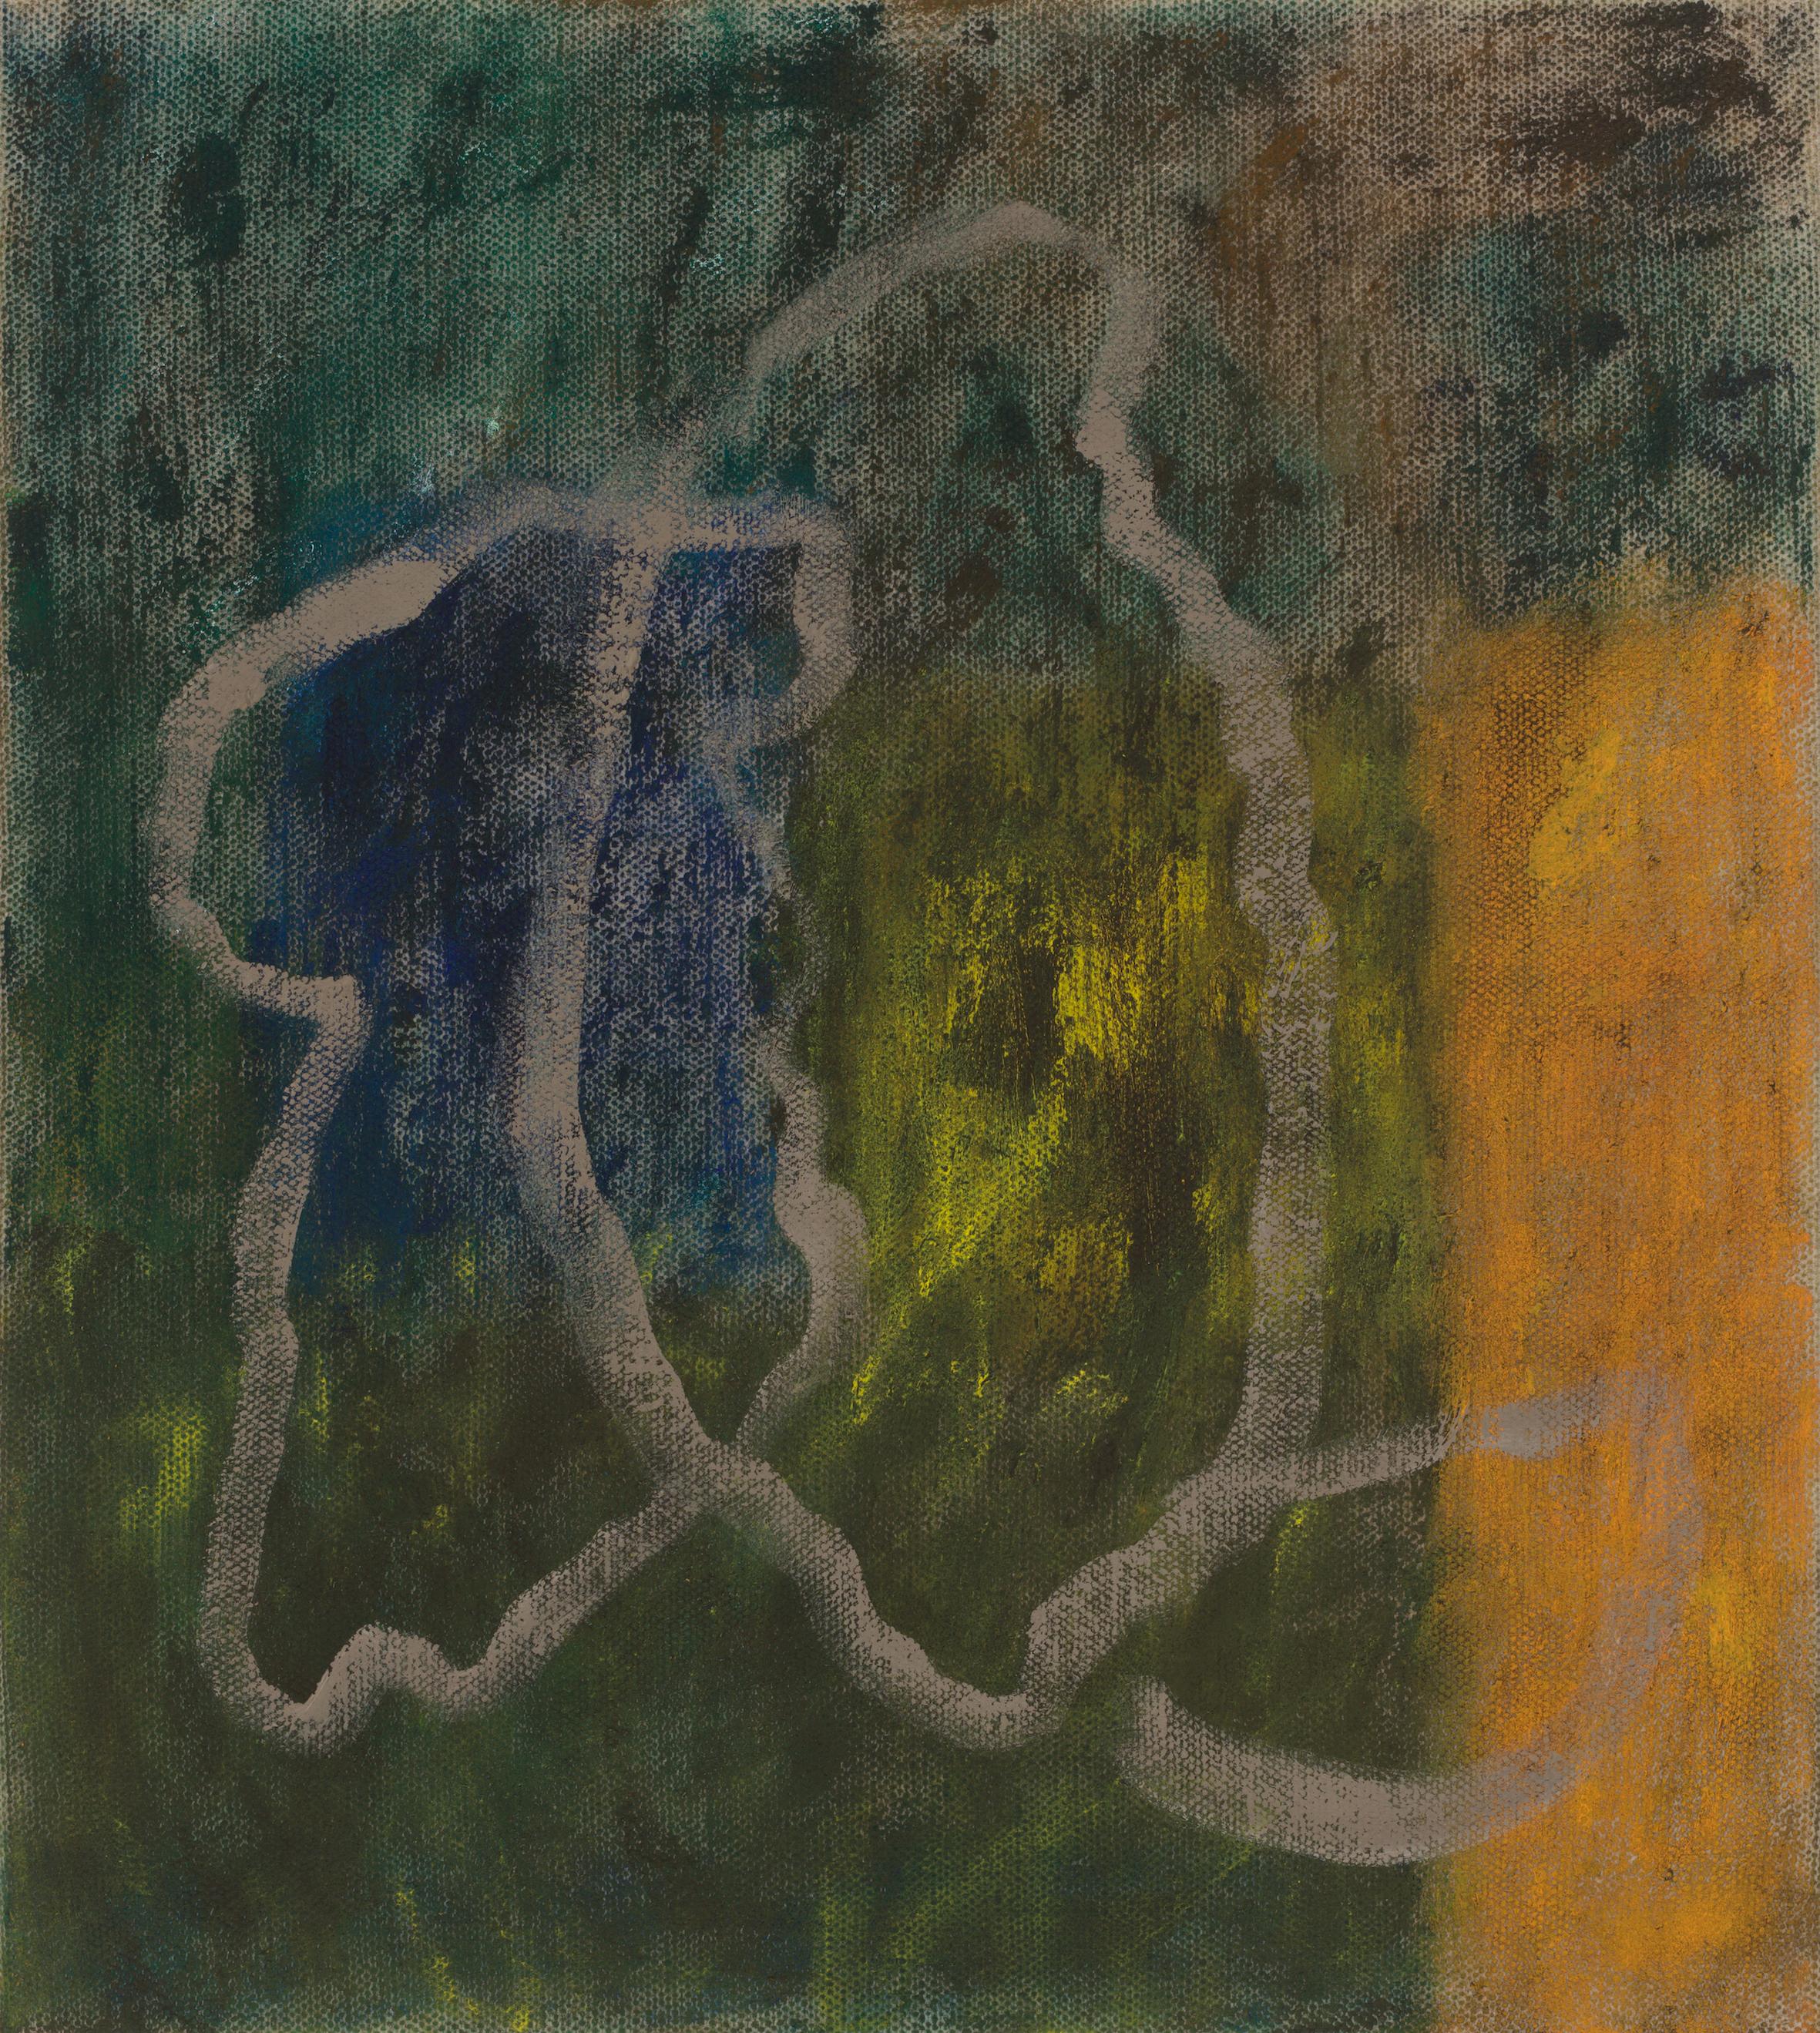 Emergence. Oil on Linen, 46 x 41cm, 2019.